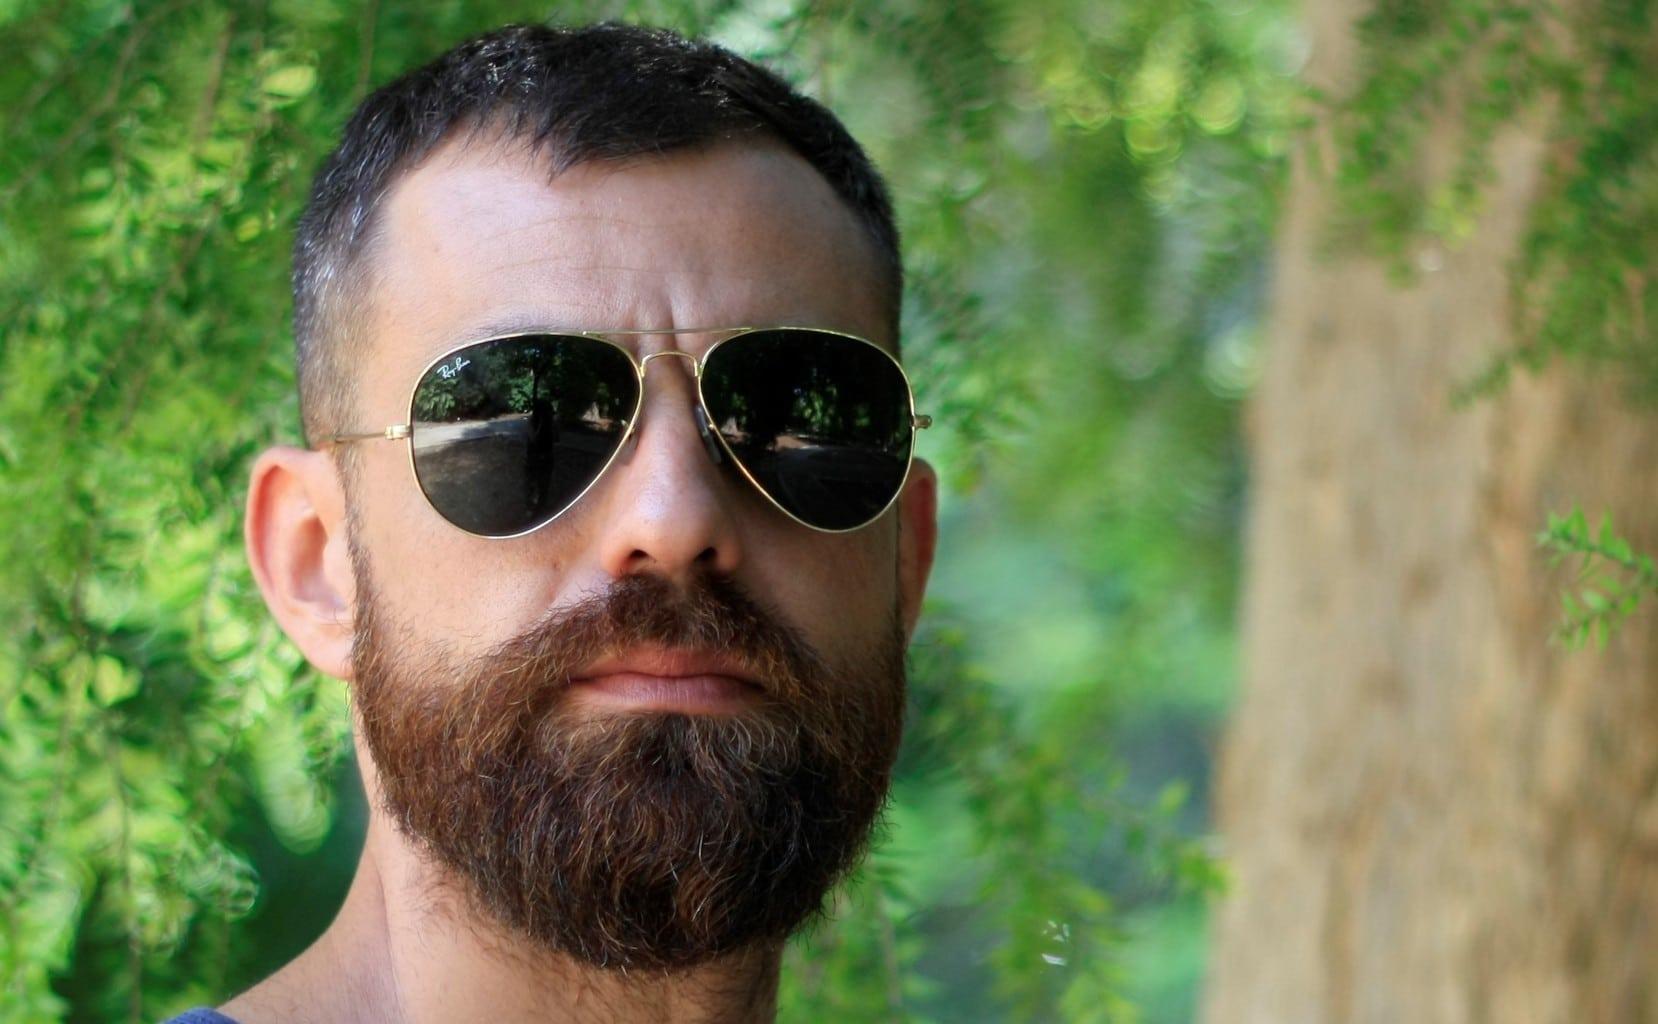 Retrato de un hombre con gafas de sol